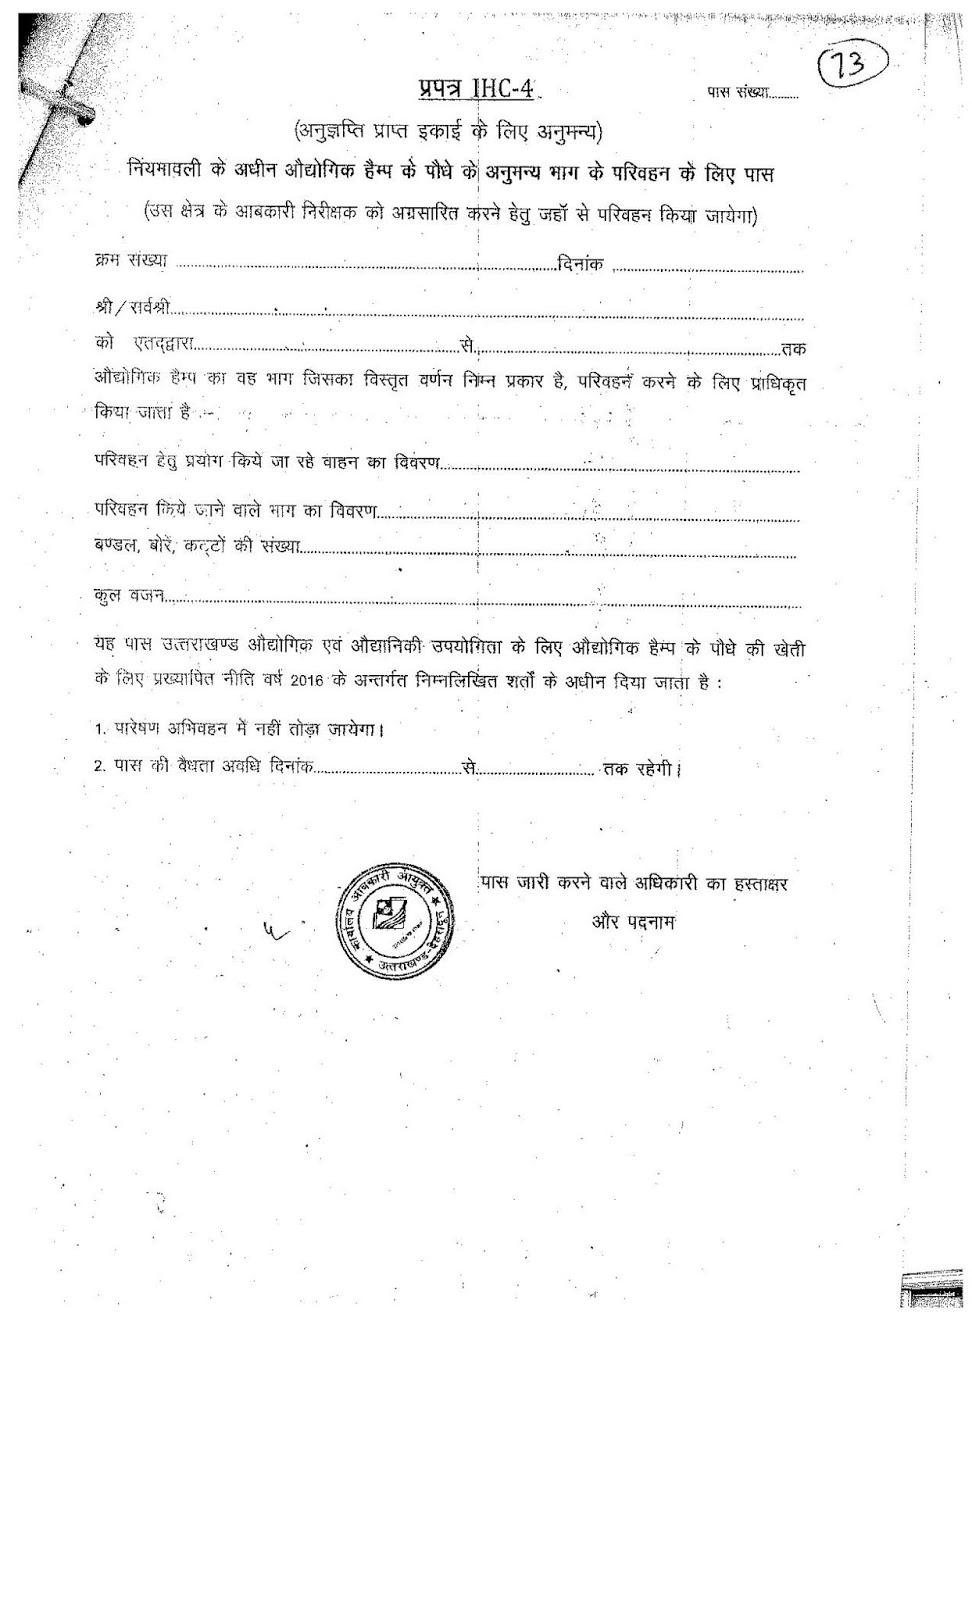 Transpotation pass format for hemp in Uttarakhand in Hindi